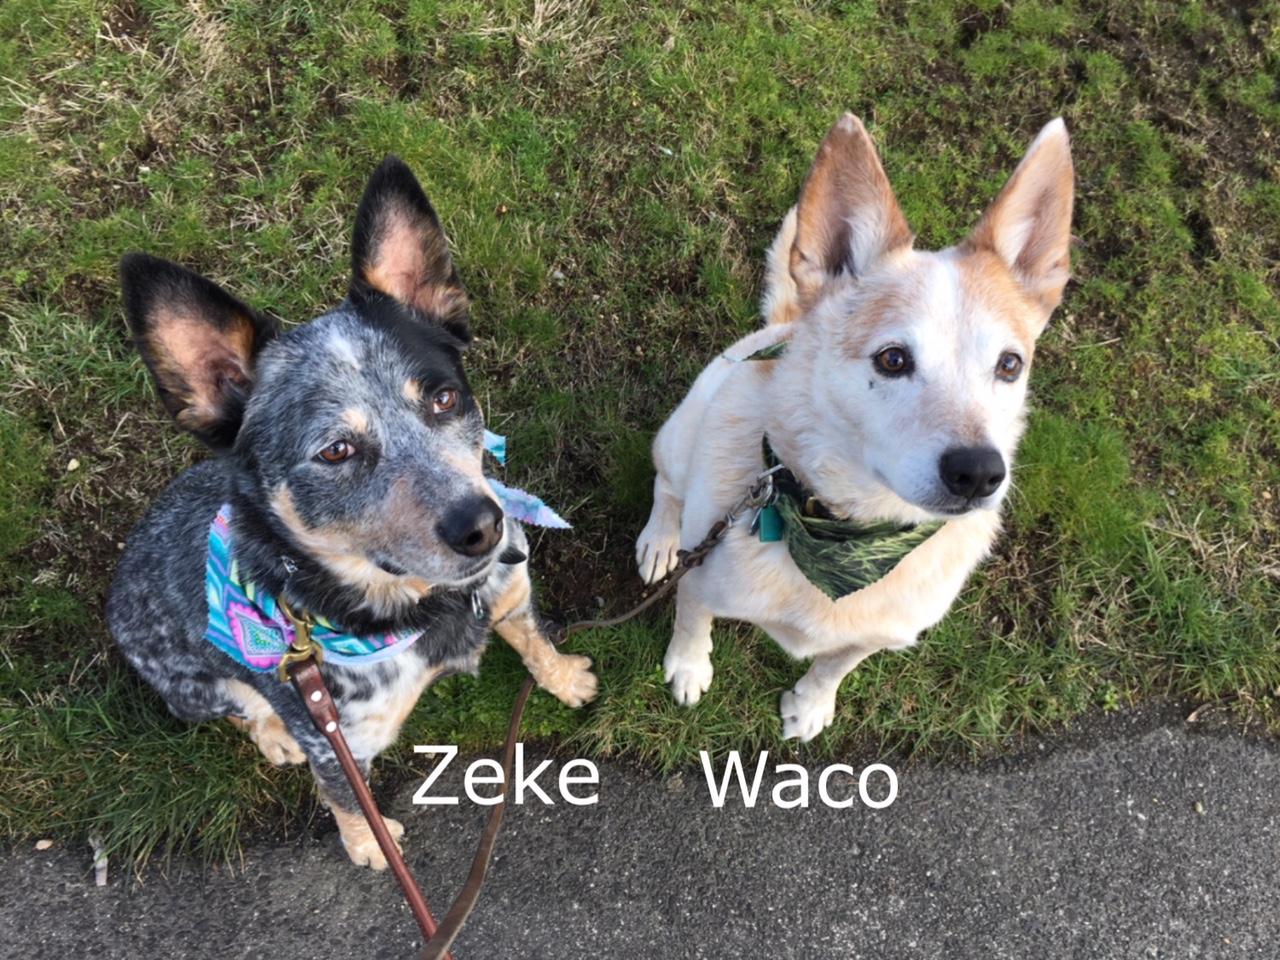 Zeke & Waco